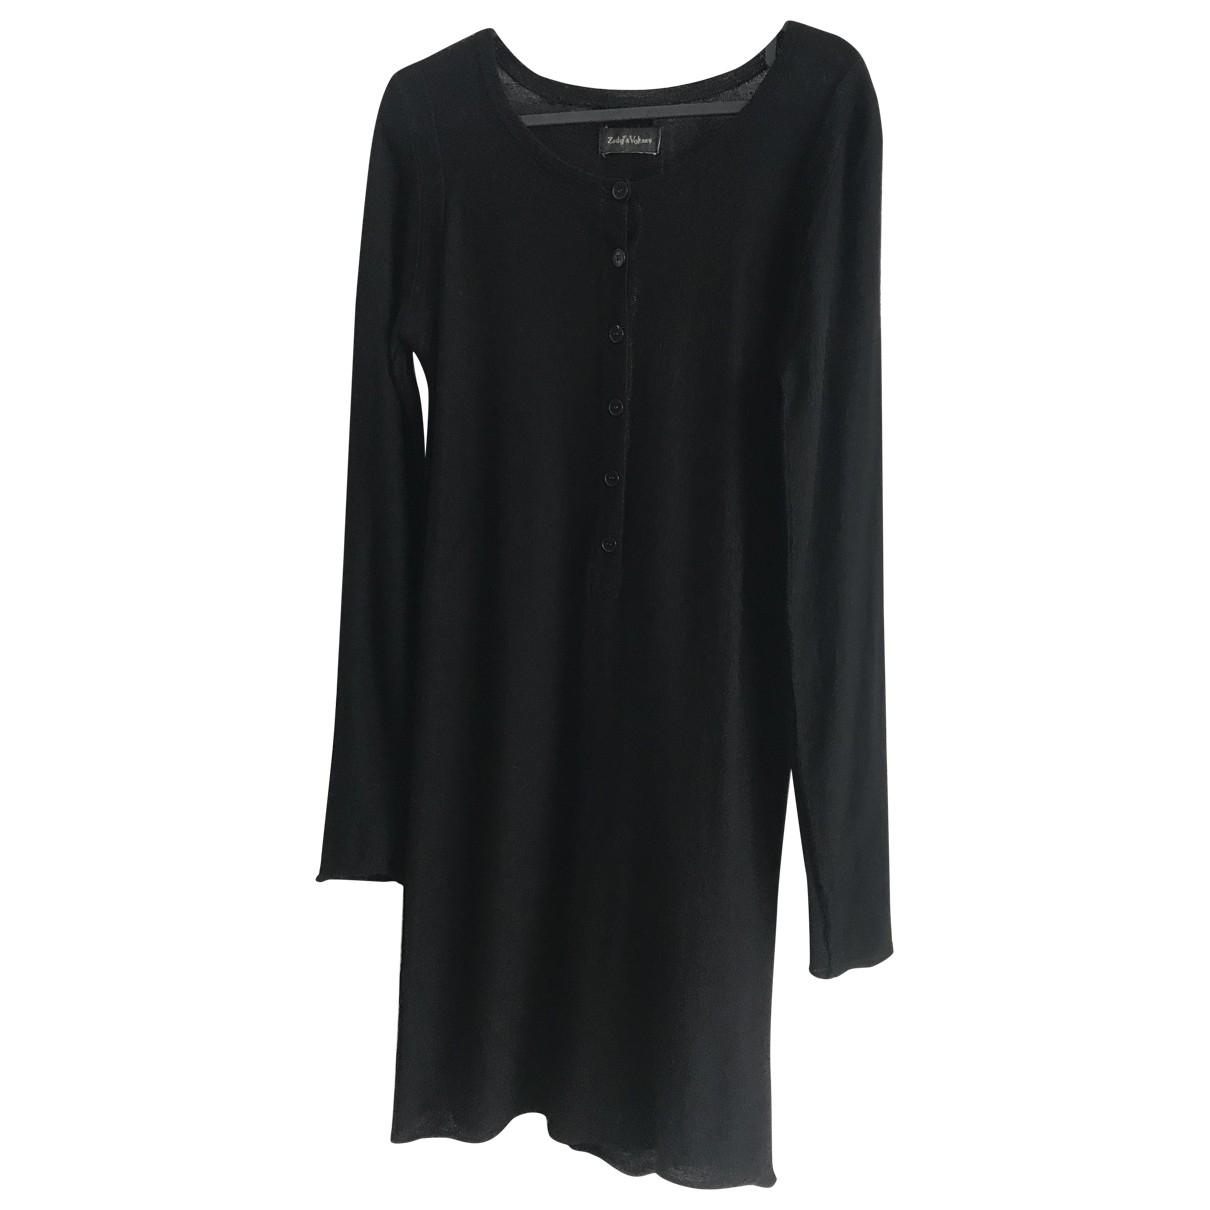 Zadig & Voltaire - Robe Fall Winter 2019 pour femme en laine - noir